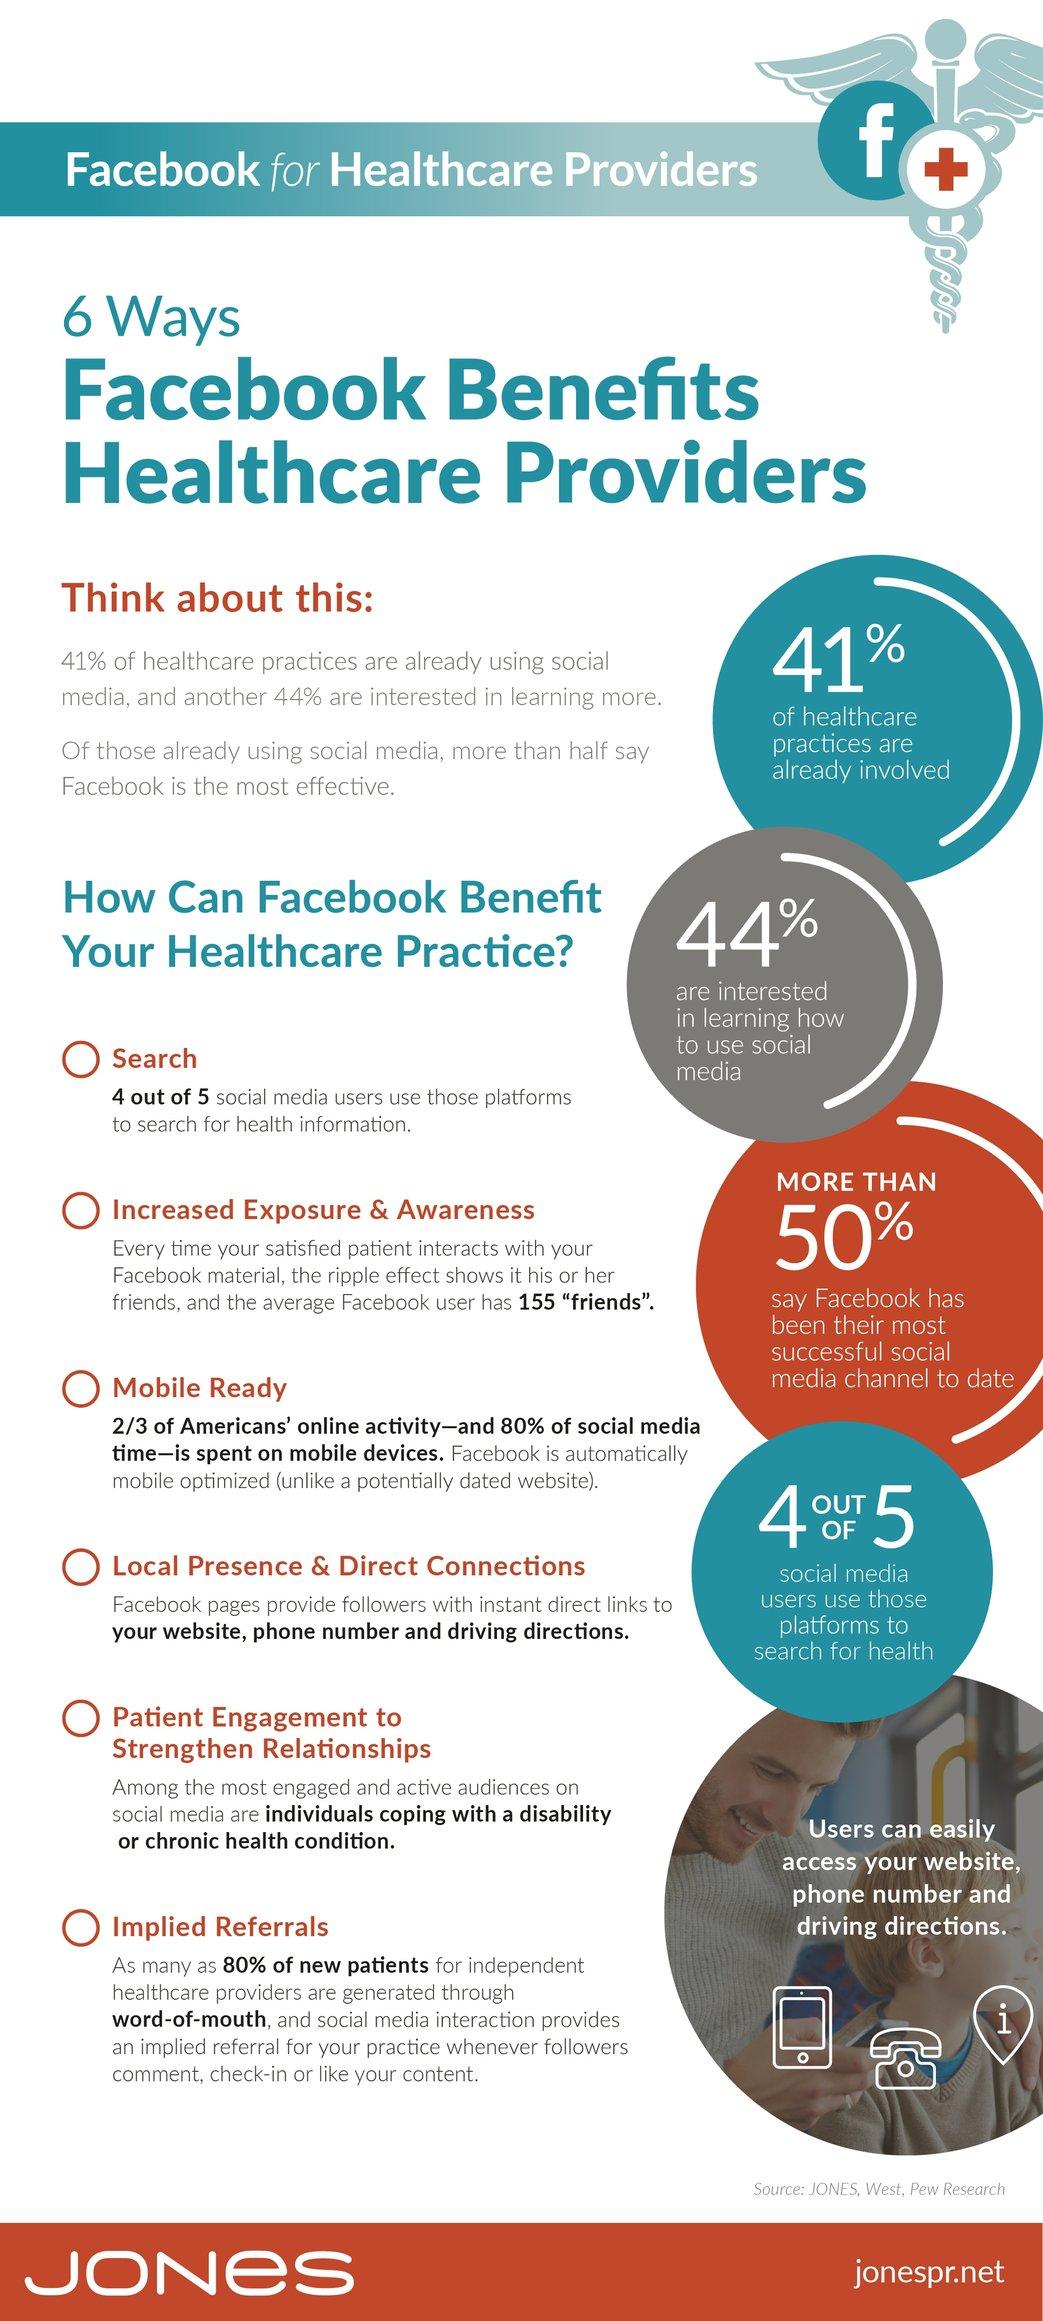 jones-infographic-benefits-facebook-healthcare-01